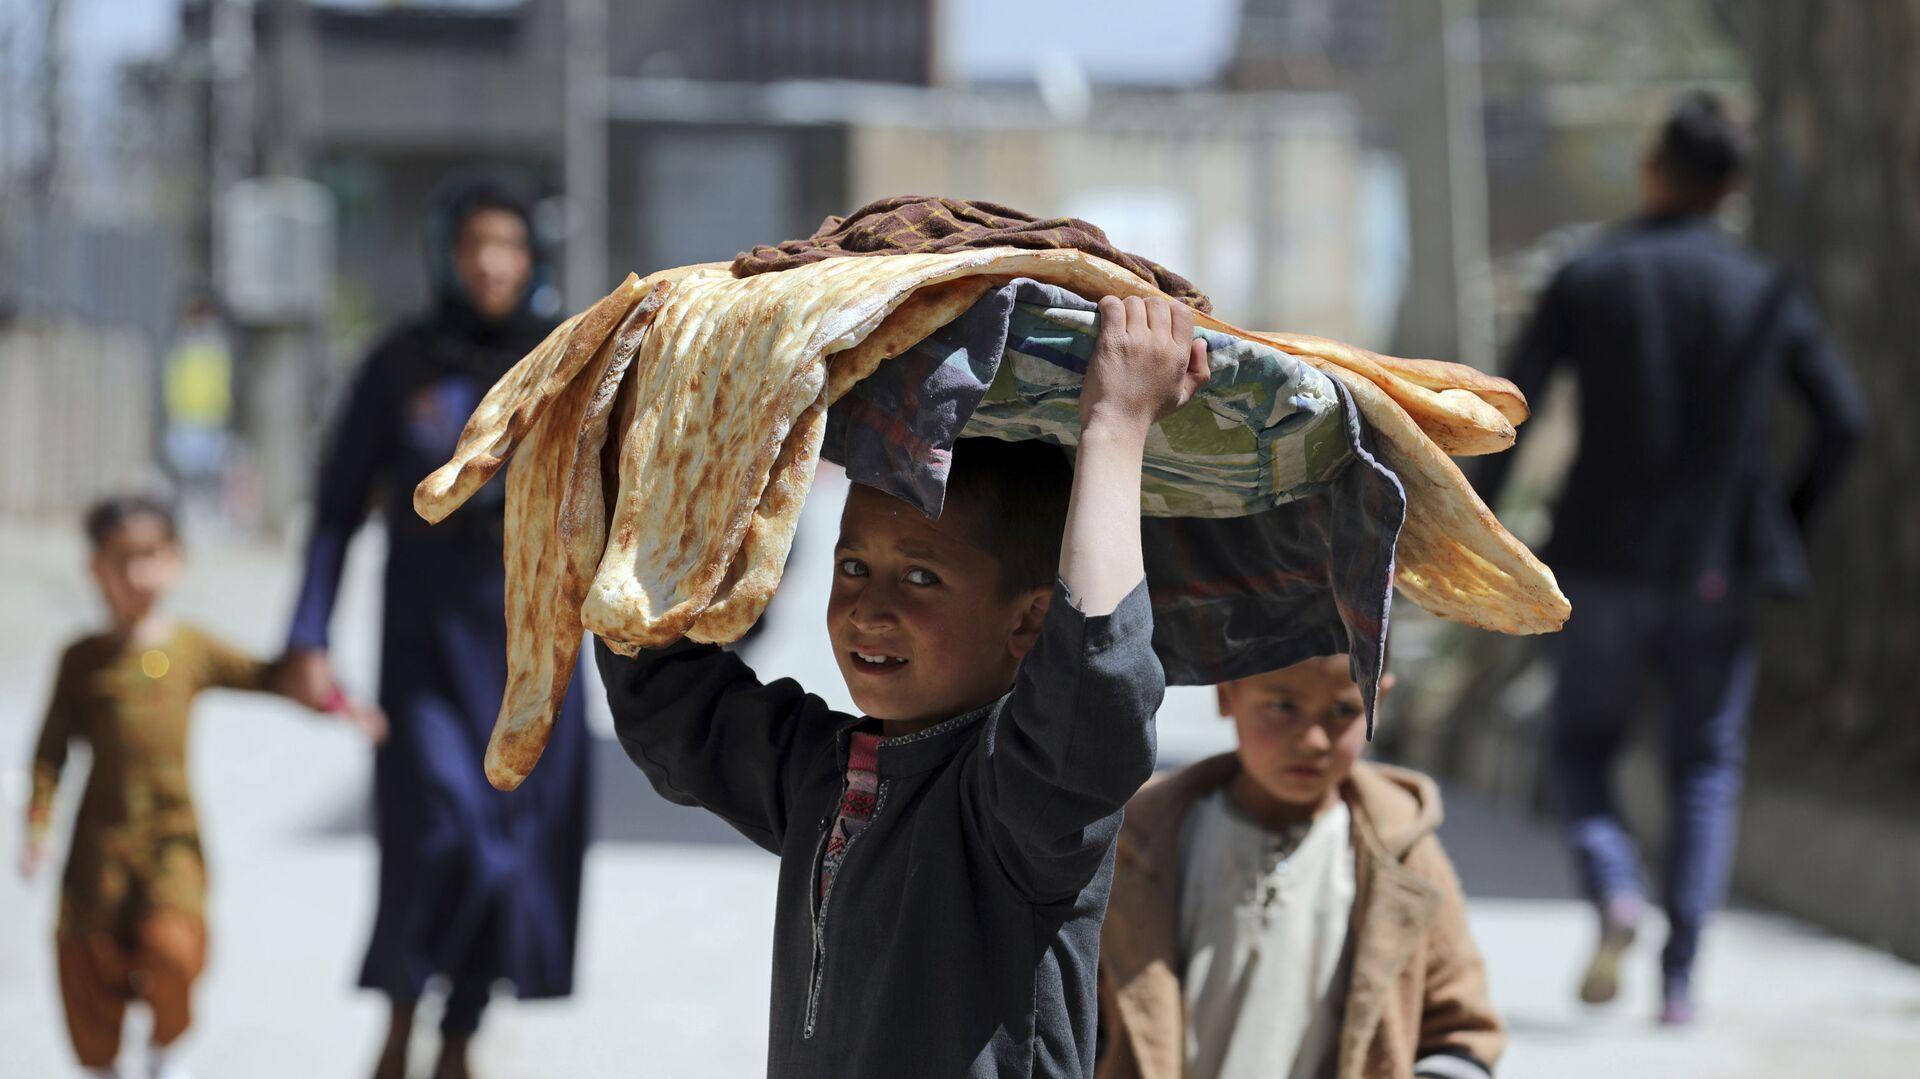 Мальчик с хлебом на голове на одной из улиц Кабула, Афганистан - Sputnik Italia, 1920, 13.08.2021